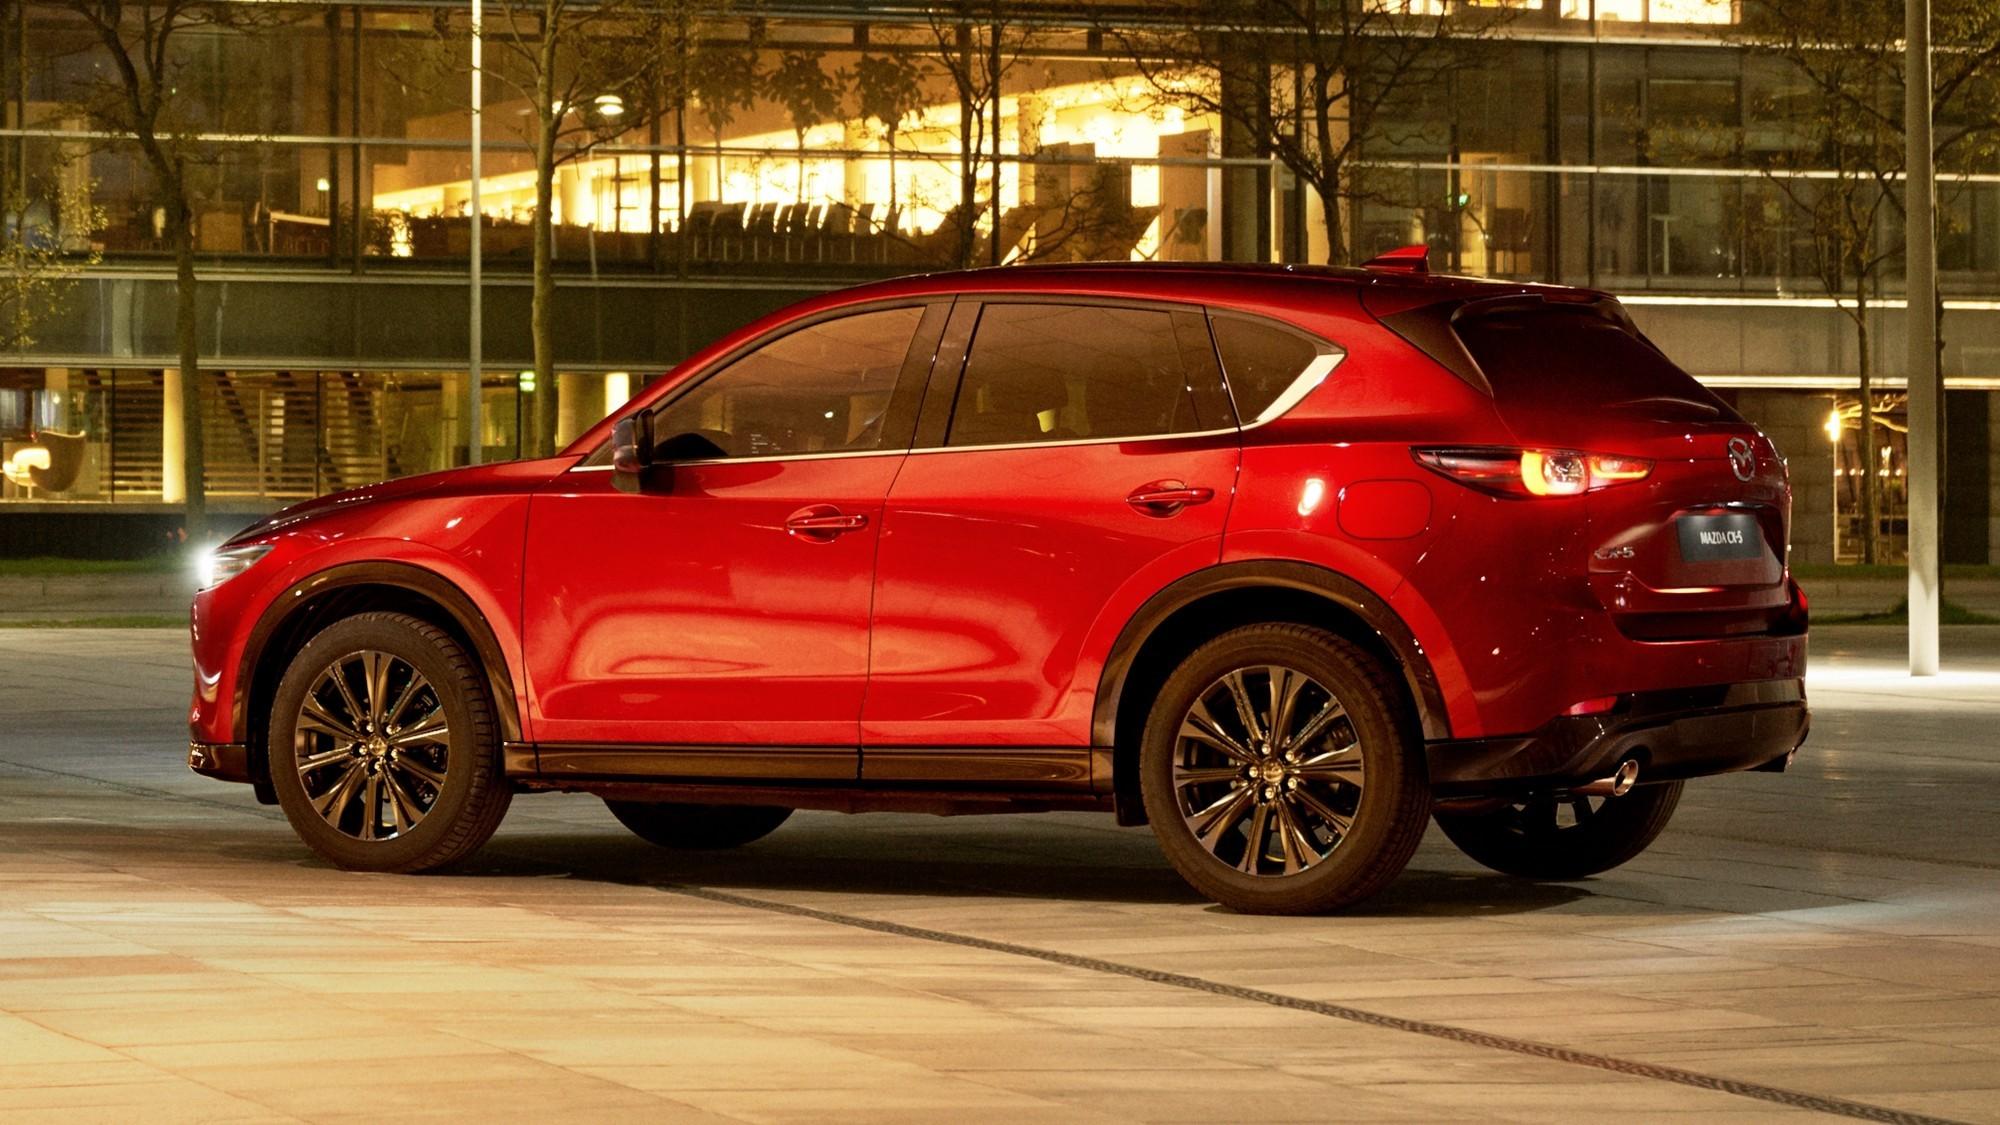 Обновлённый Mazda CX-5: больше комфорта и попытка обойти Subaru на полном приводе